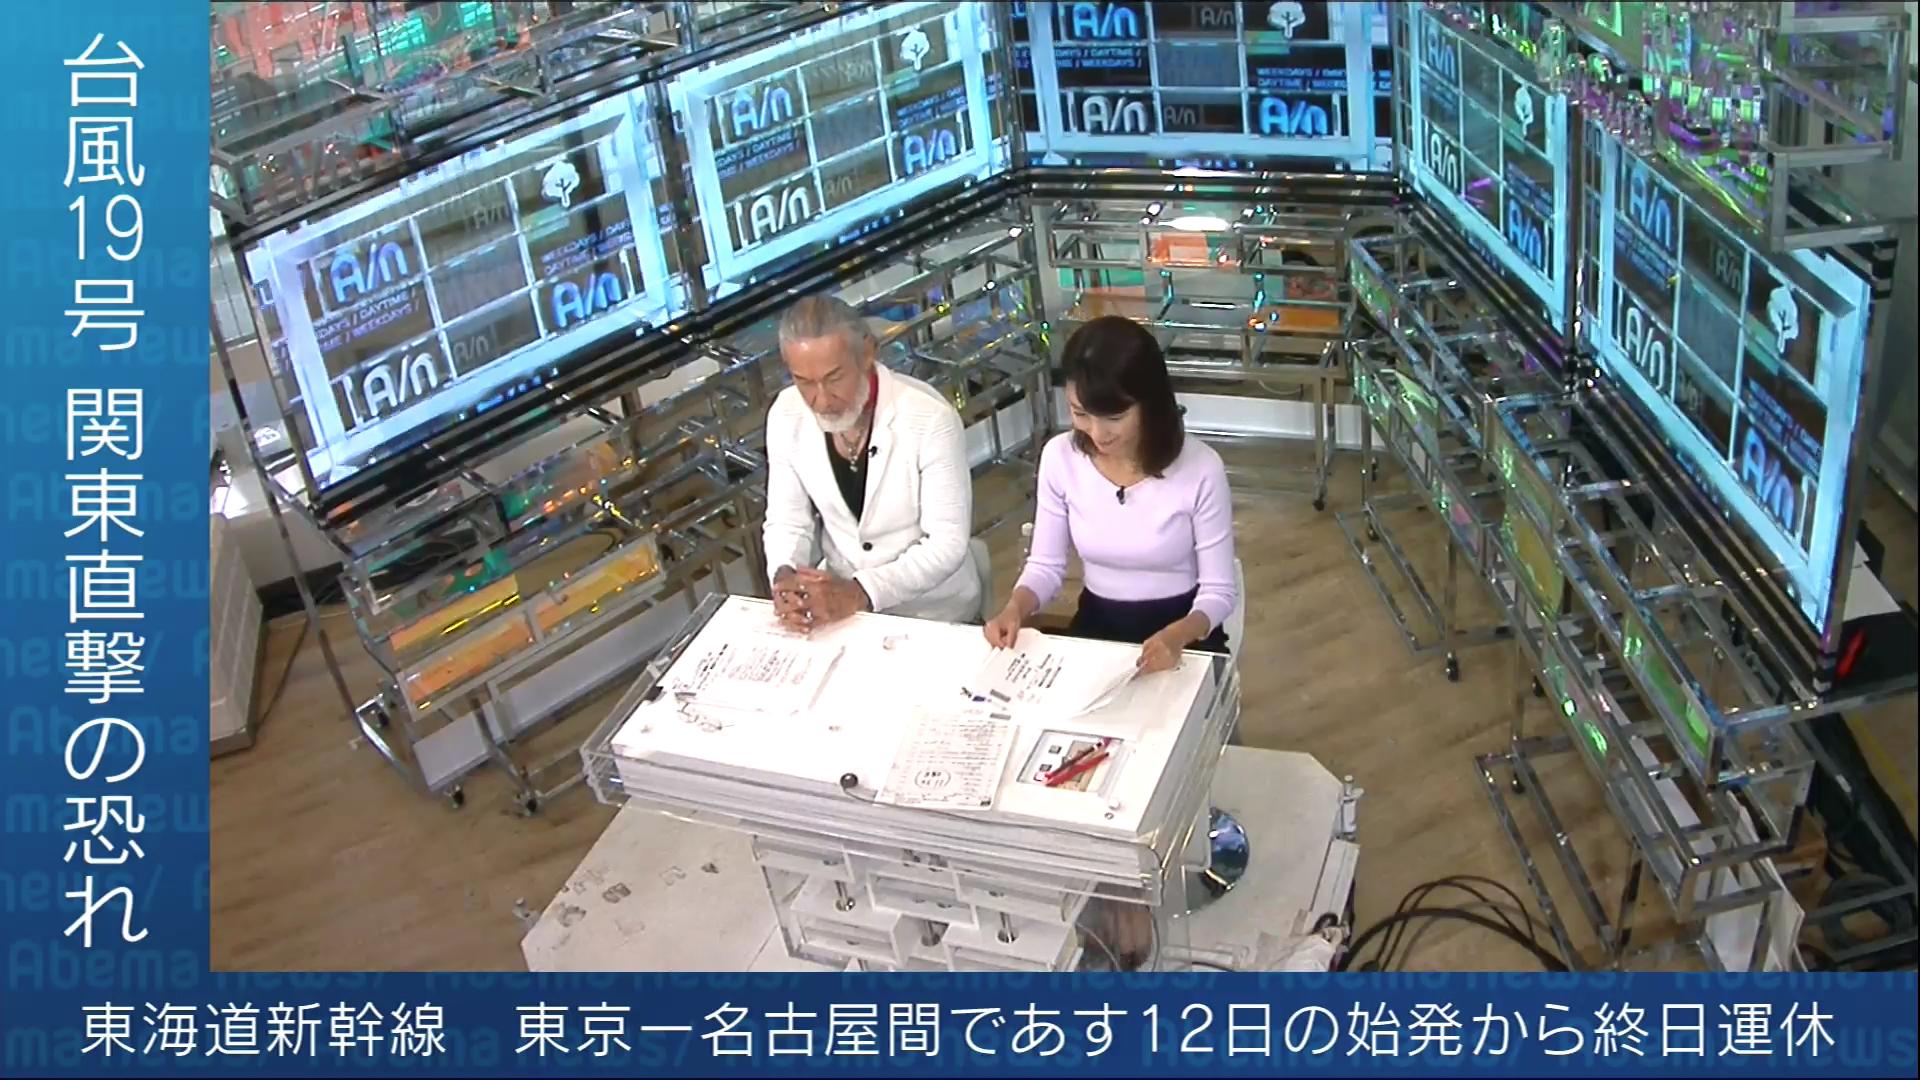 AbemaTV「けやきヒルズ」に出演した大木優紀さんのテレビキャプチャー画像-026